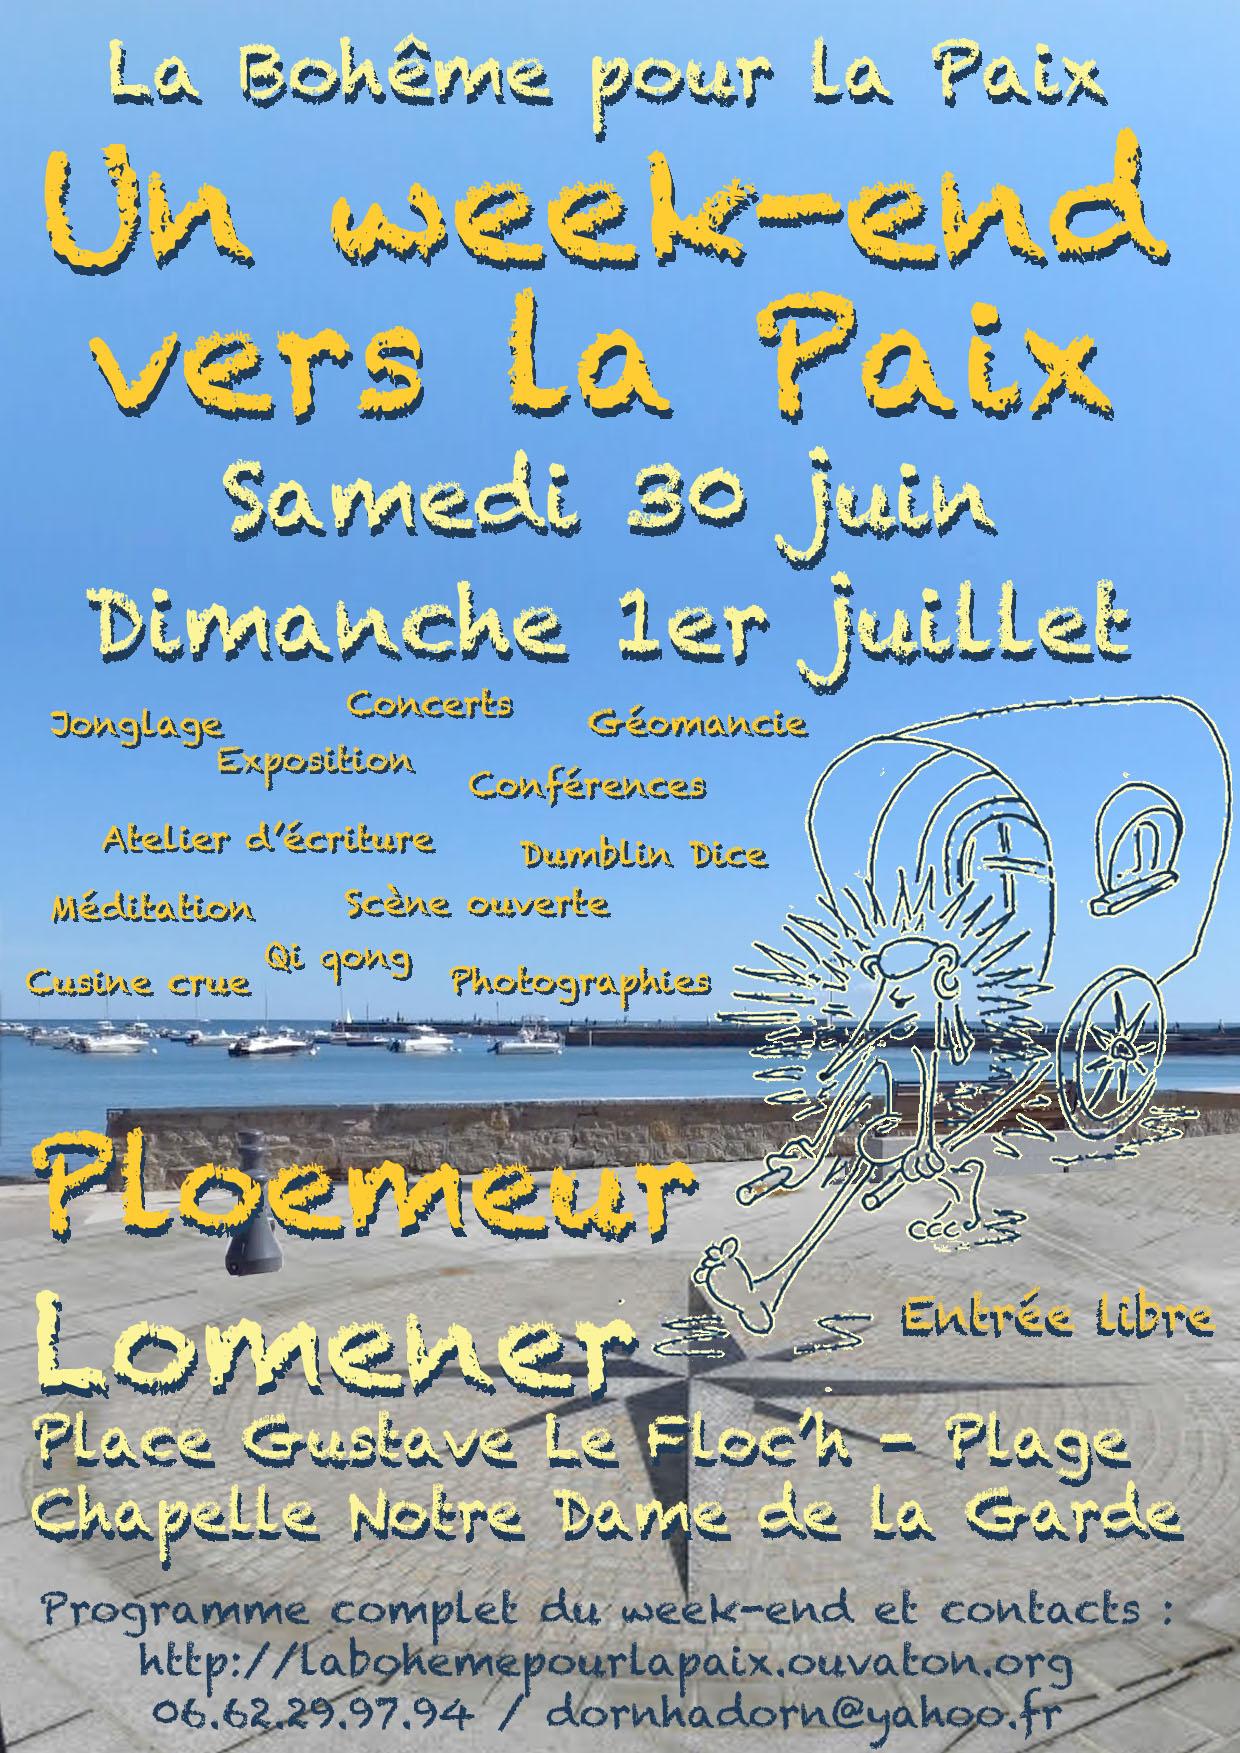 Affiche du week-end pour la Paix à Ploemeur